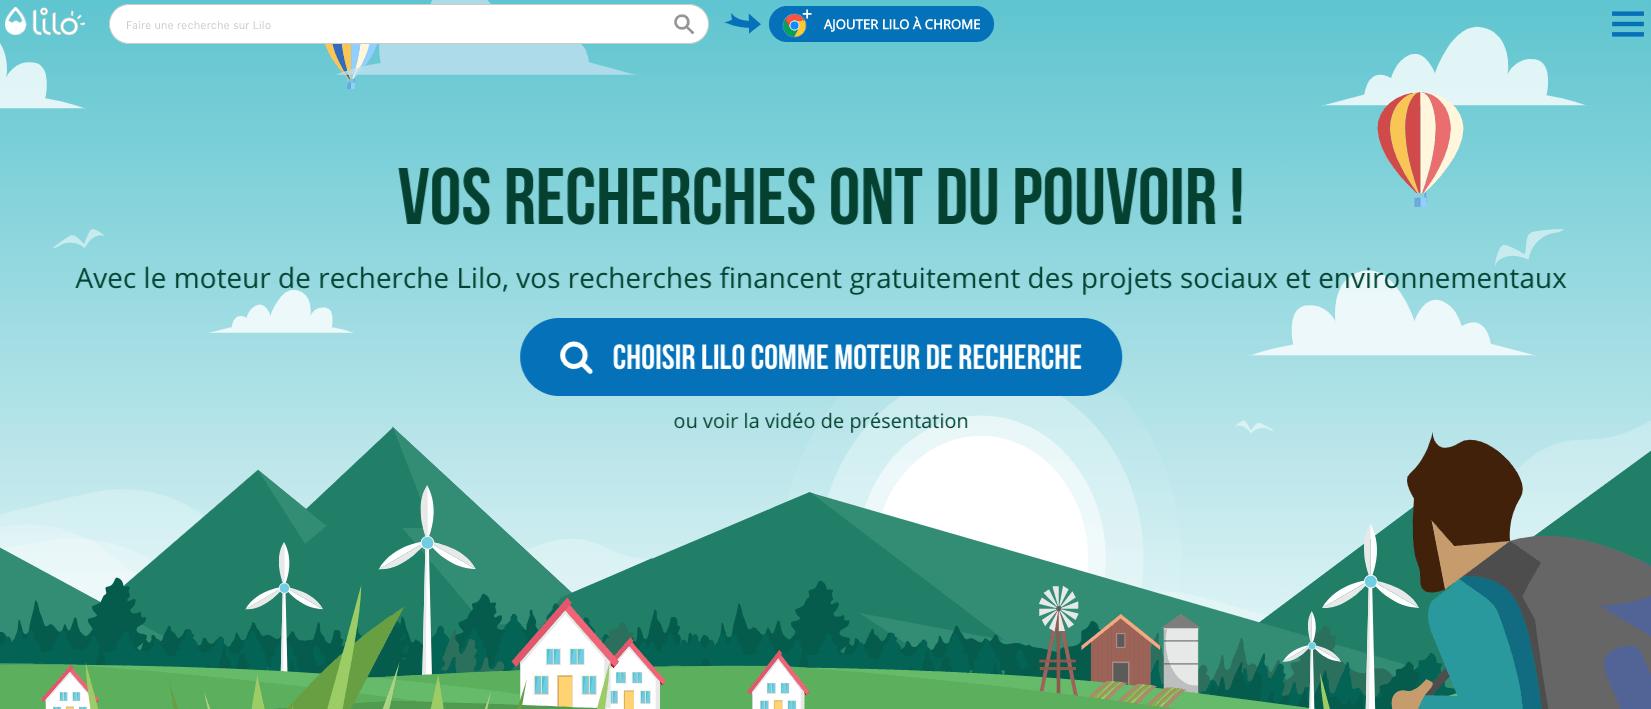 Lilo moteur de recherche français